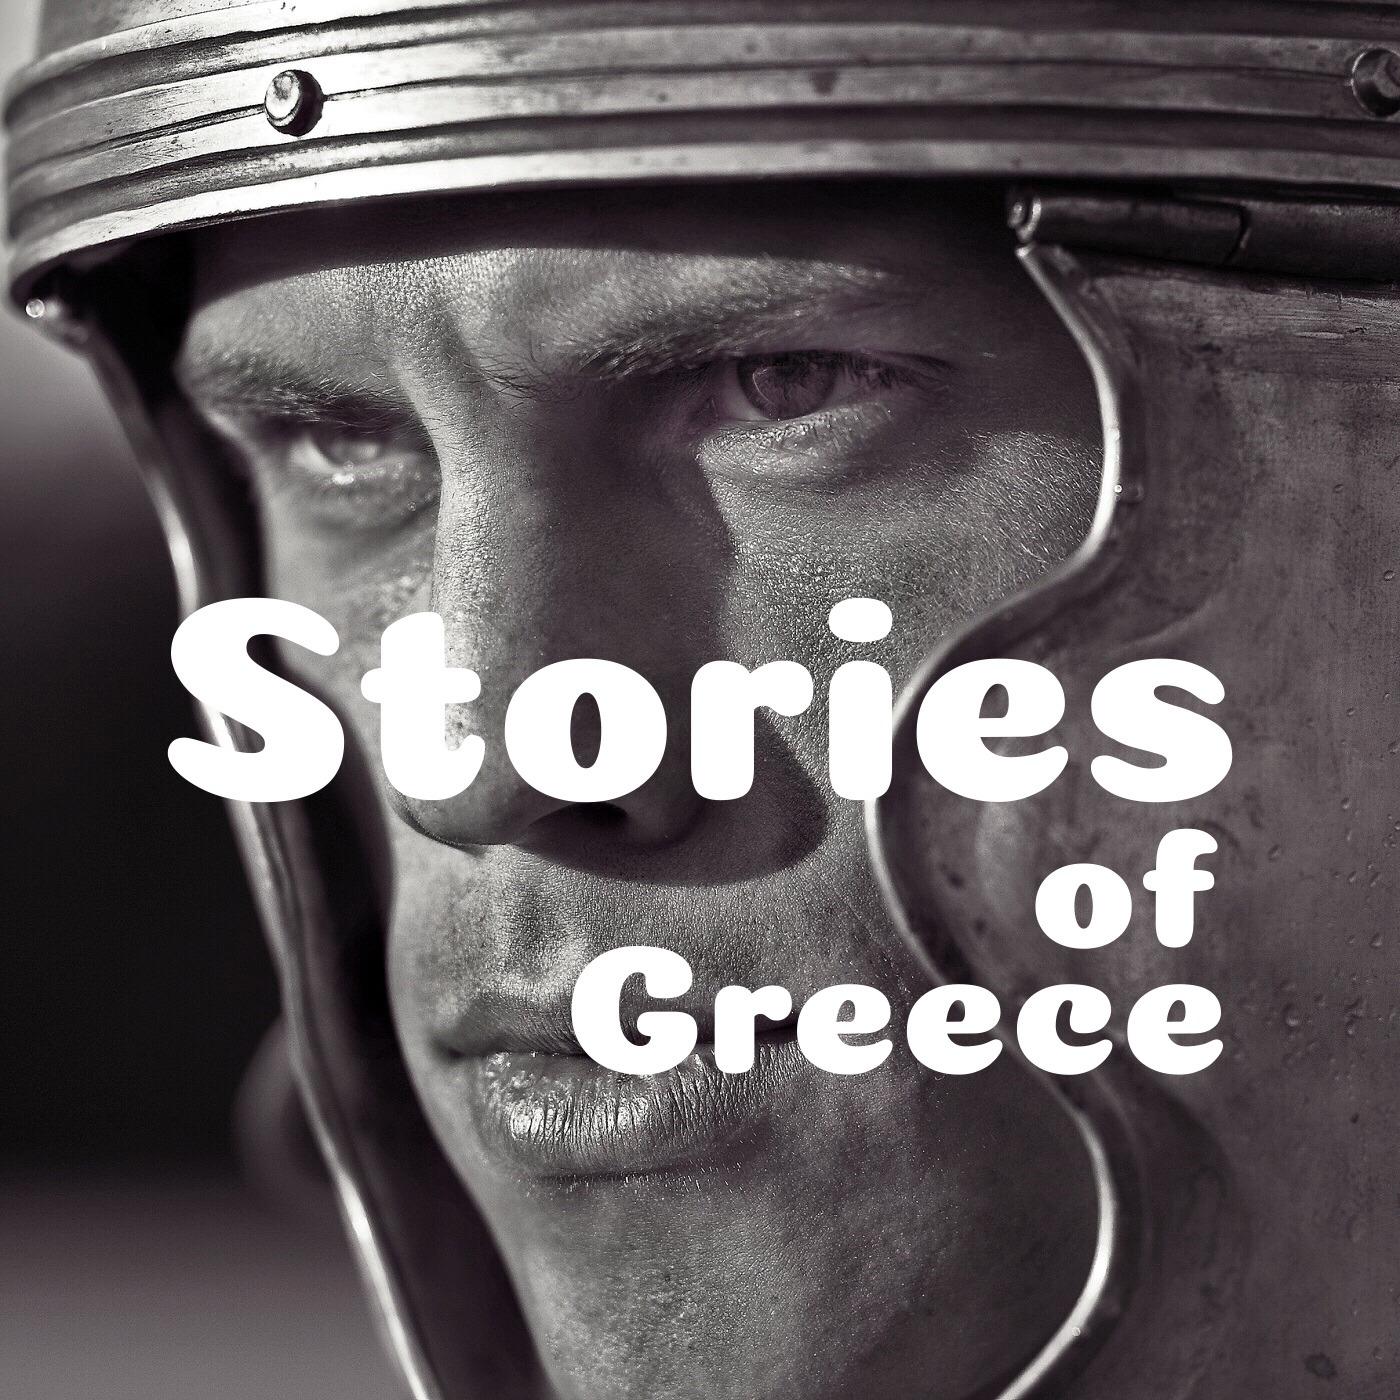 Stories of Greece Ep. 1 - Zeus